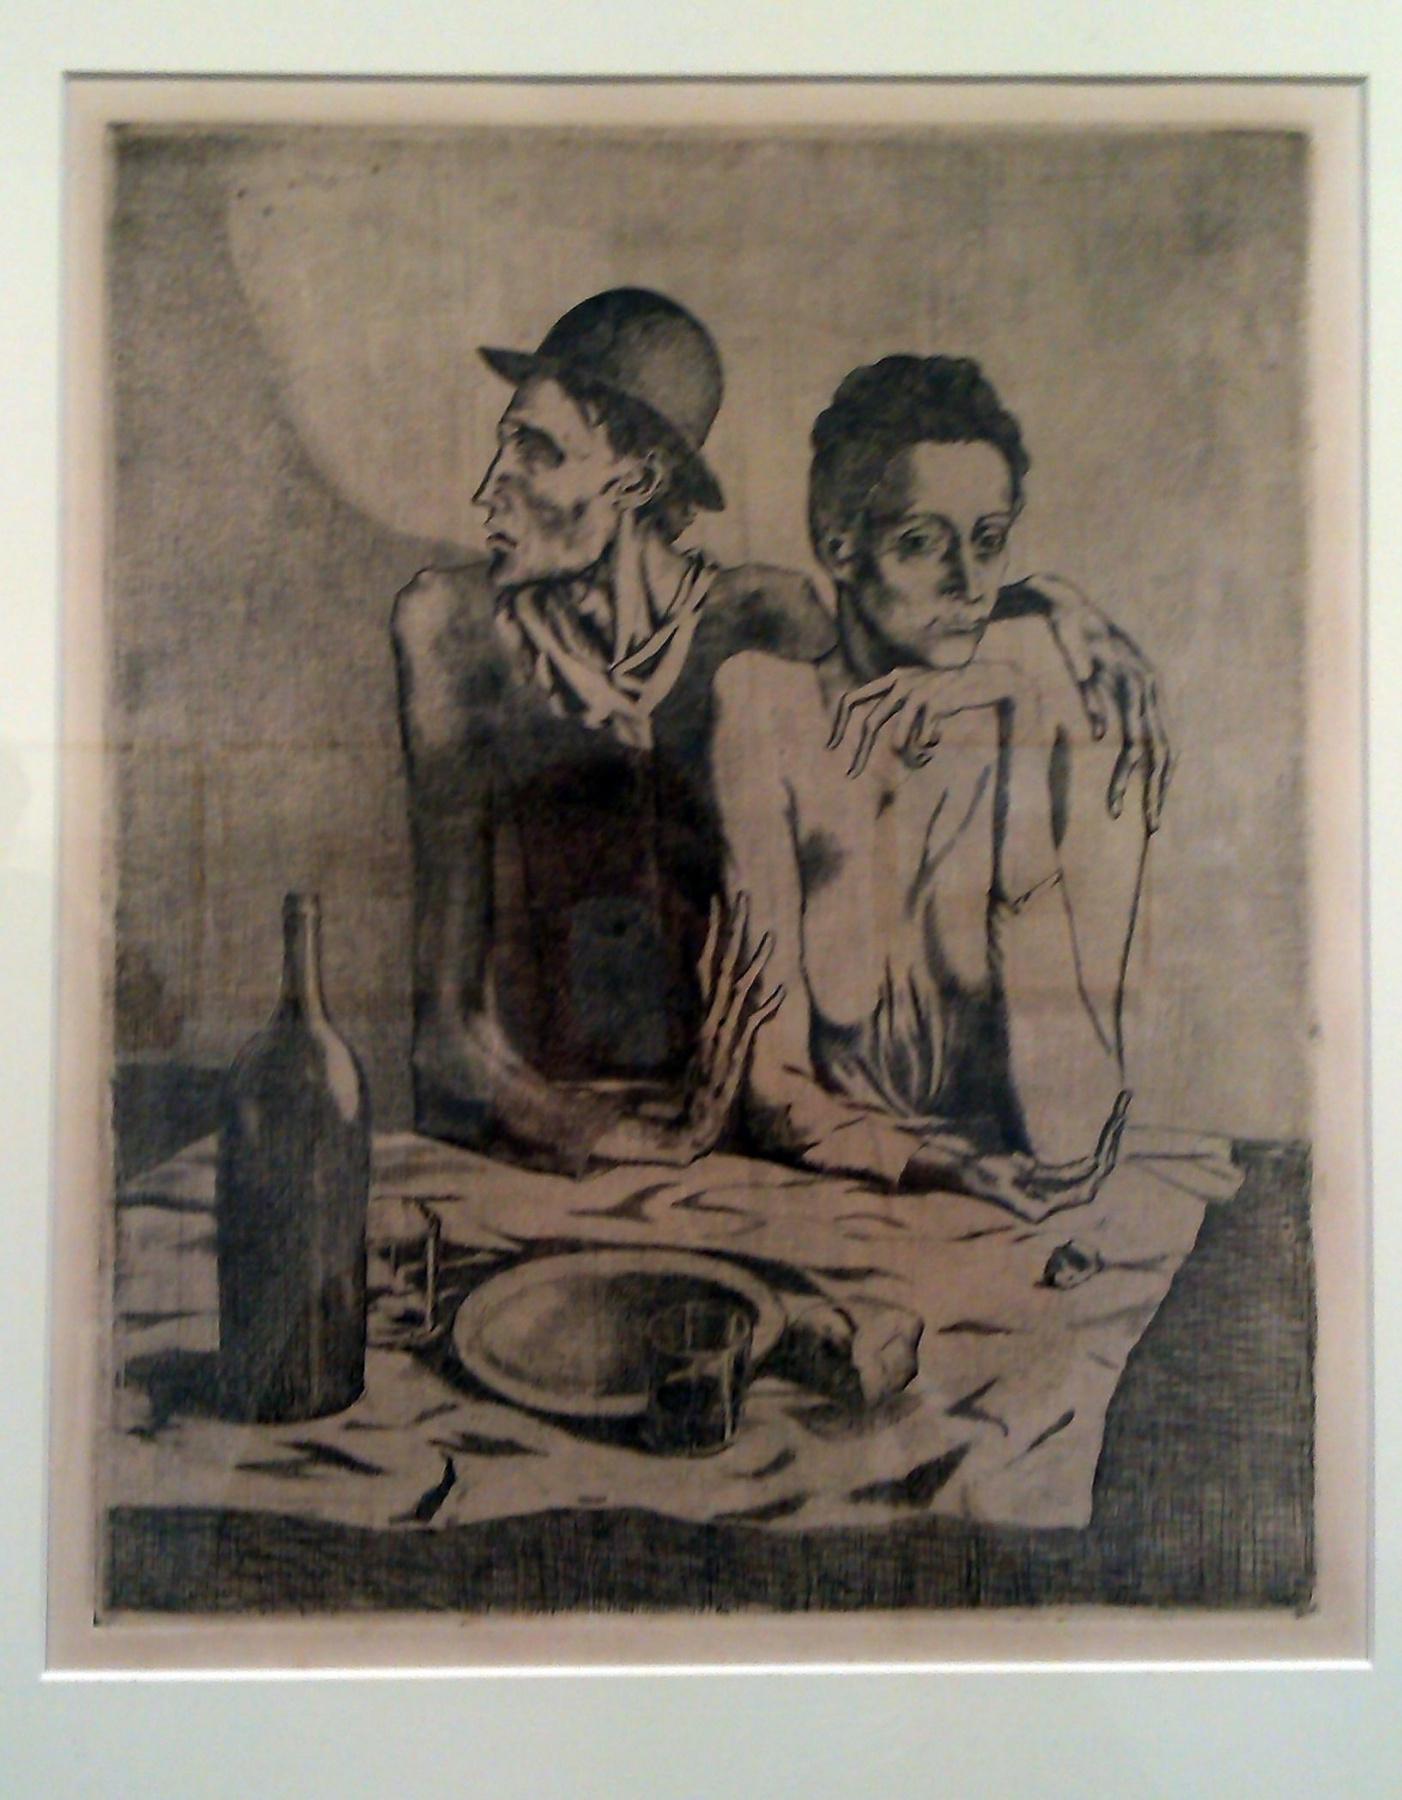 Пикассо у озера: в живописном итальянском Лекко показывают графику испанского гения